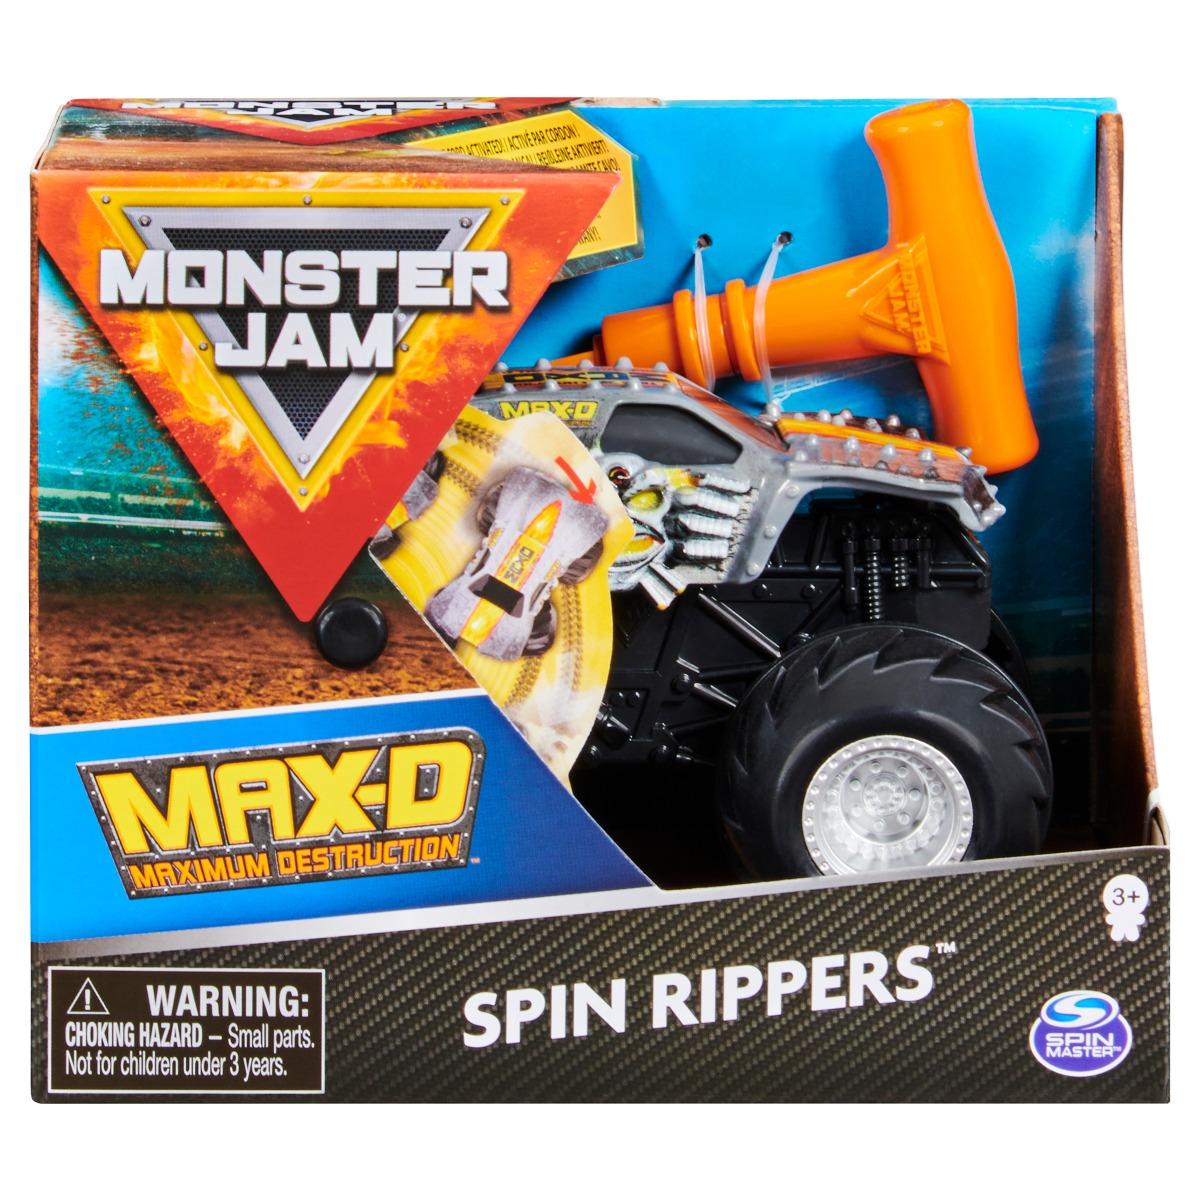 Masinuta Monster Jam, Scara 1:43, Max-D Spin Rippers imagine